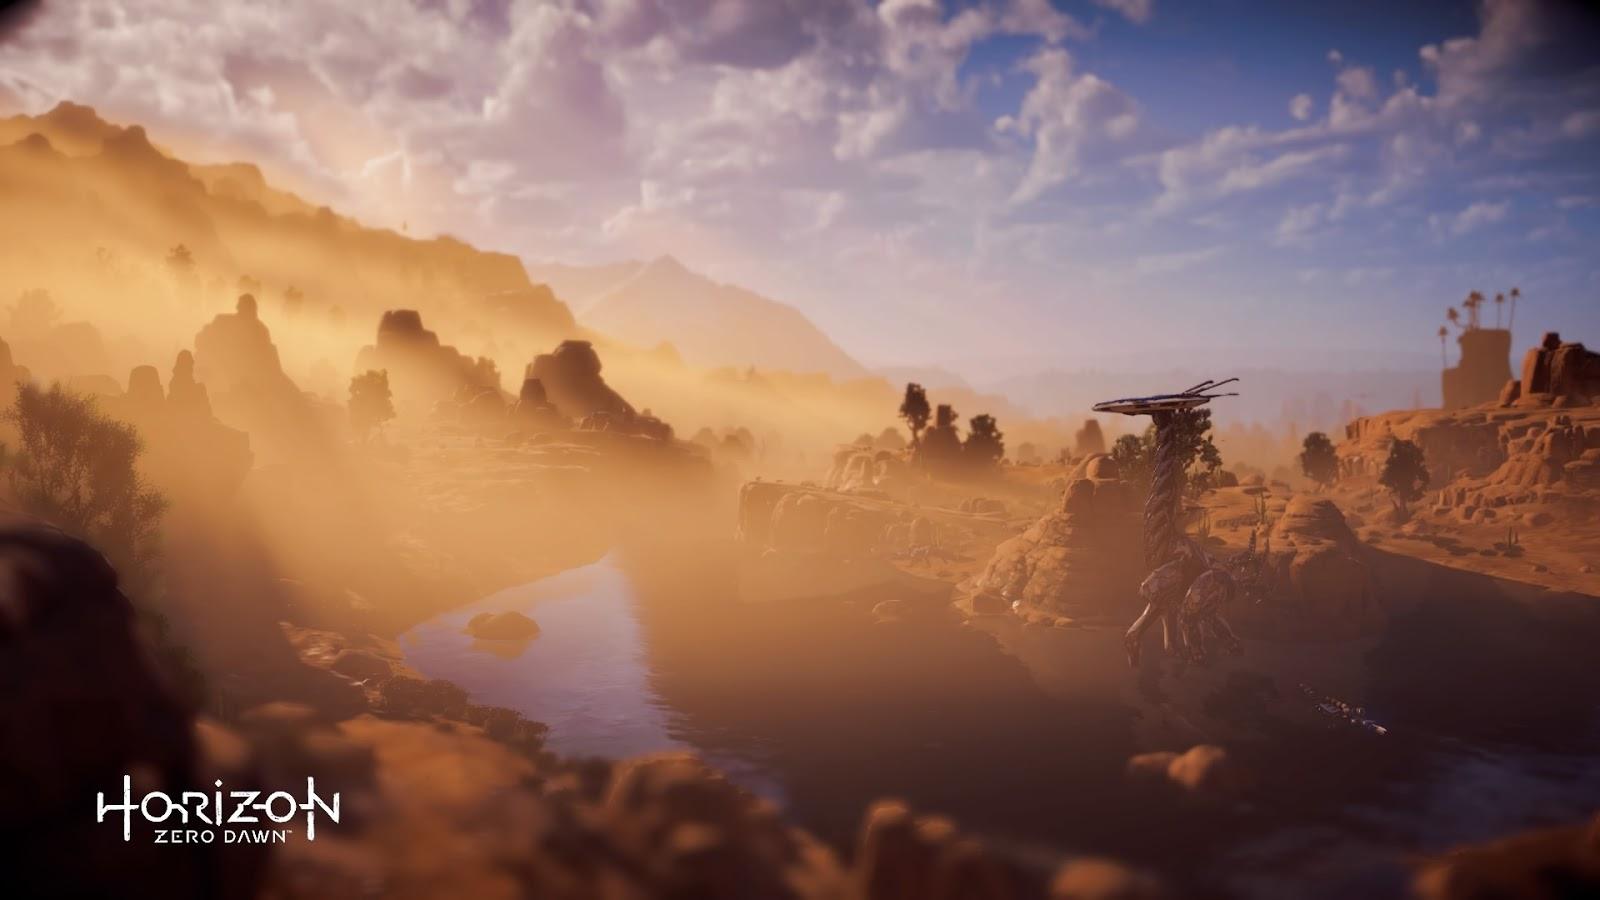 ホライゾンゼロドーン HorizonZeroDawn ゲーム攻略 グレイザー型ダミートロフィー 場所まとめ